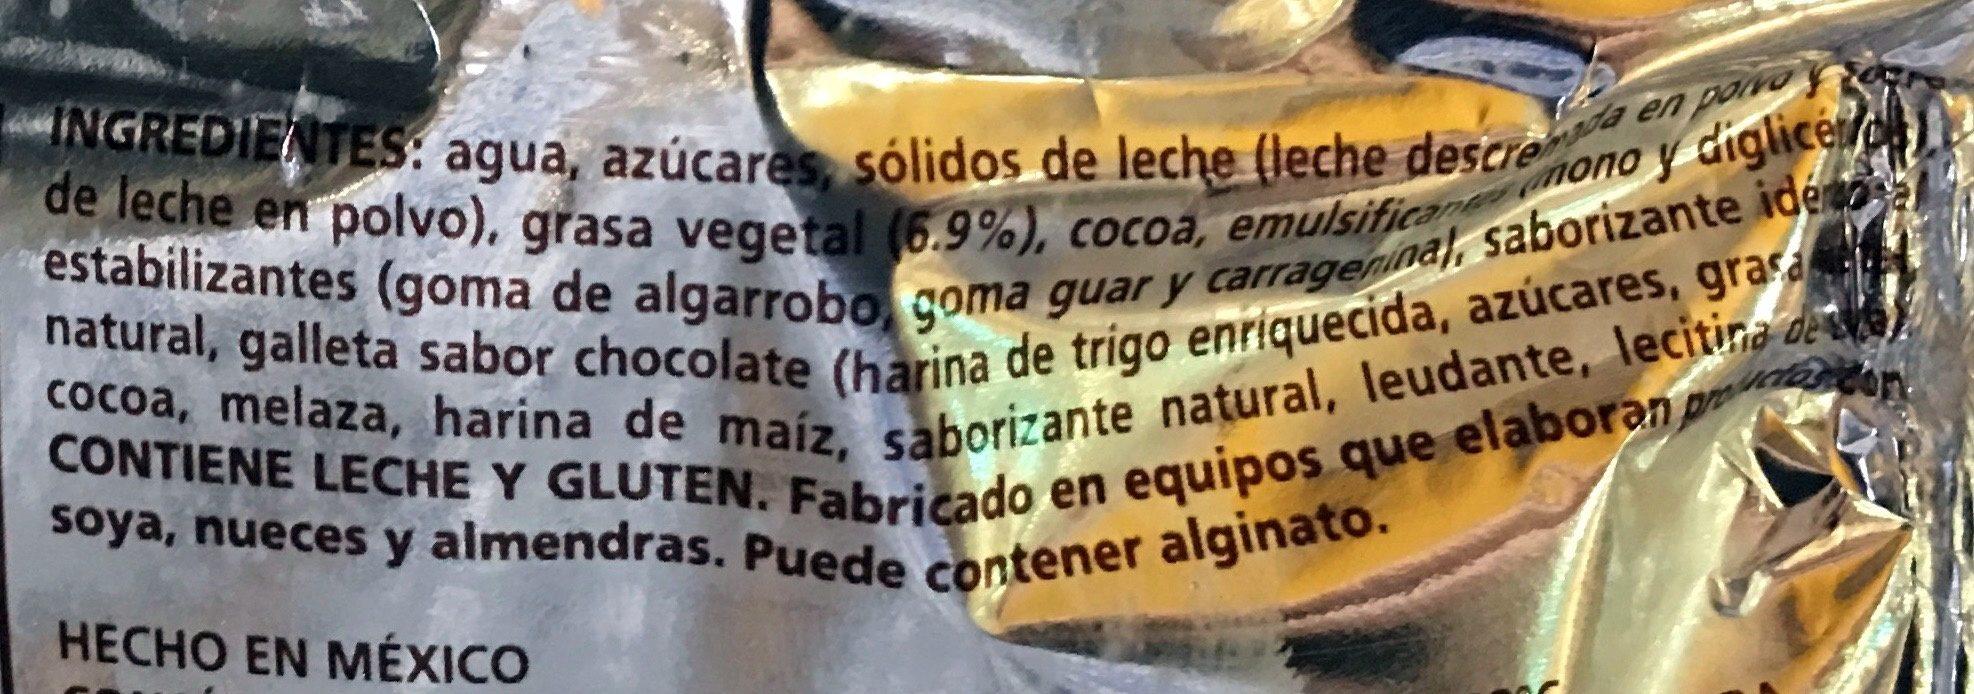 Mordisko Brownie - Ingredients - es